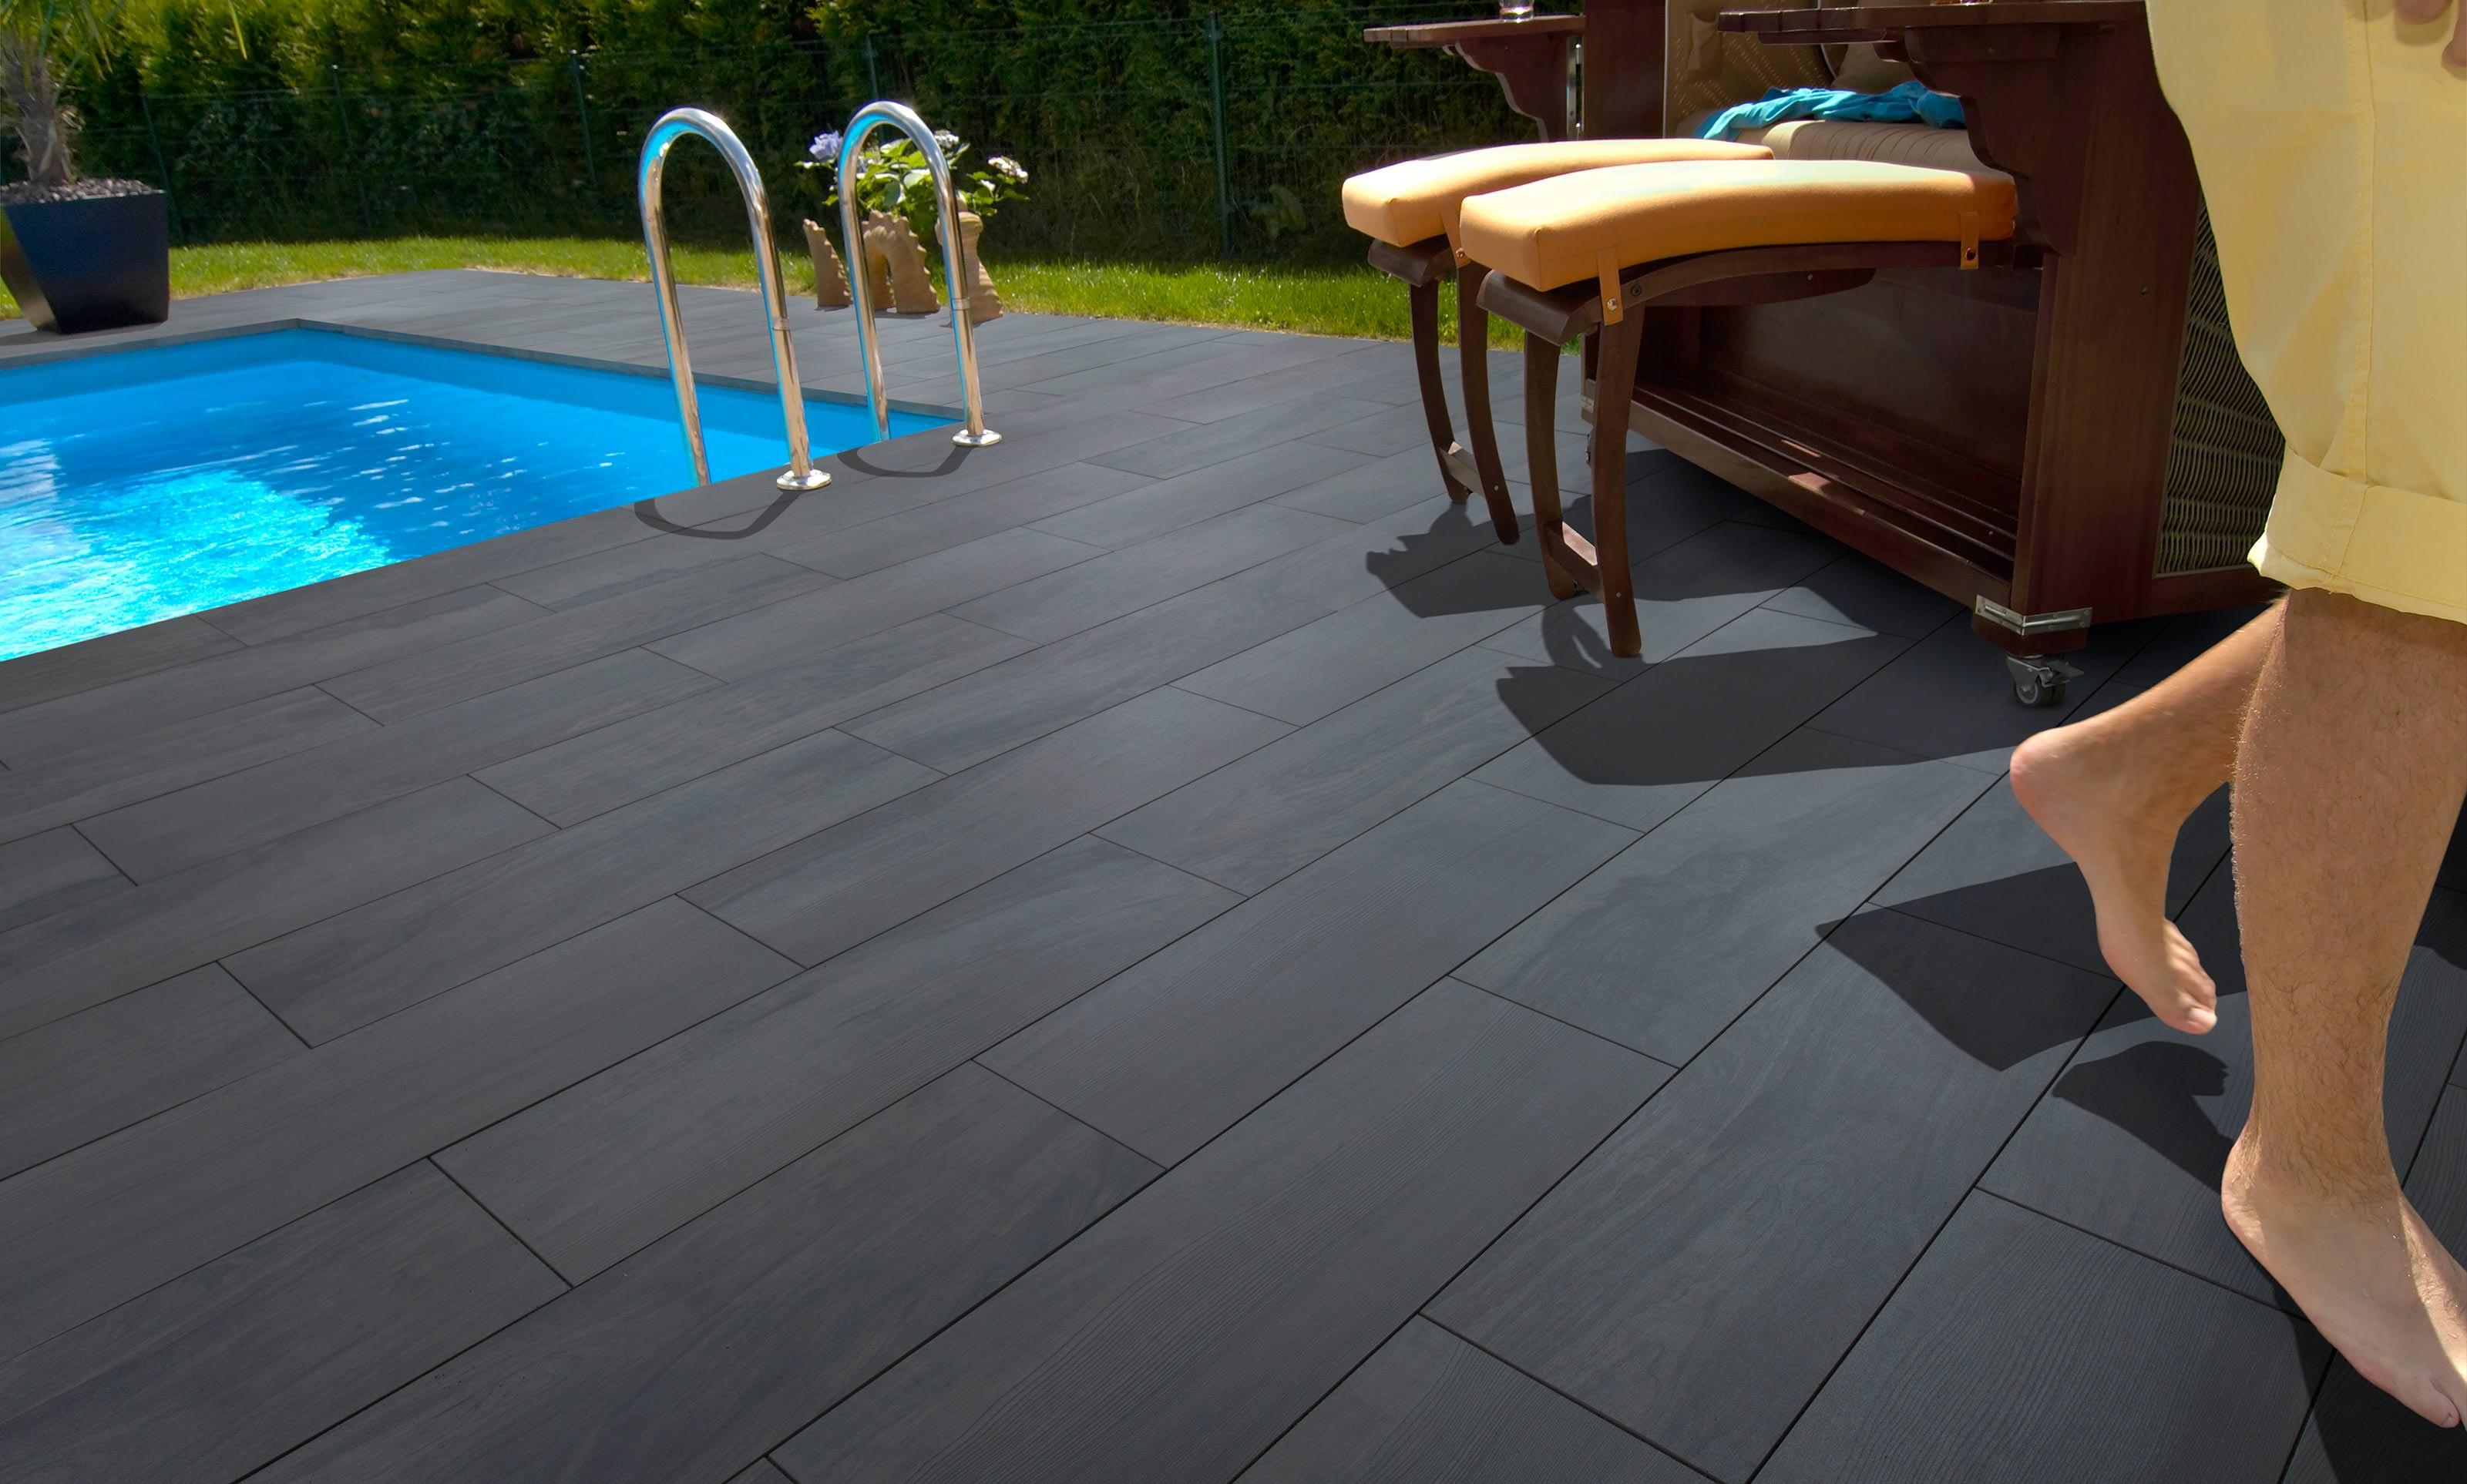 BetonKeramikVerbundplatte Von KANN Für Dauerhafte Holzoptik Auf - Splittbett für terrasse